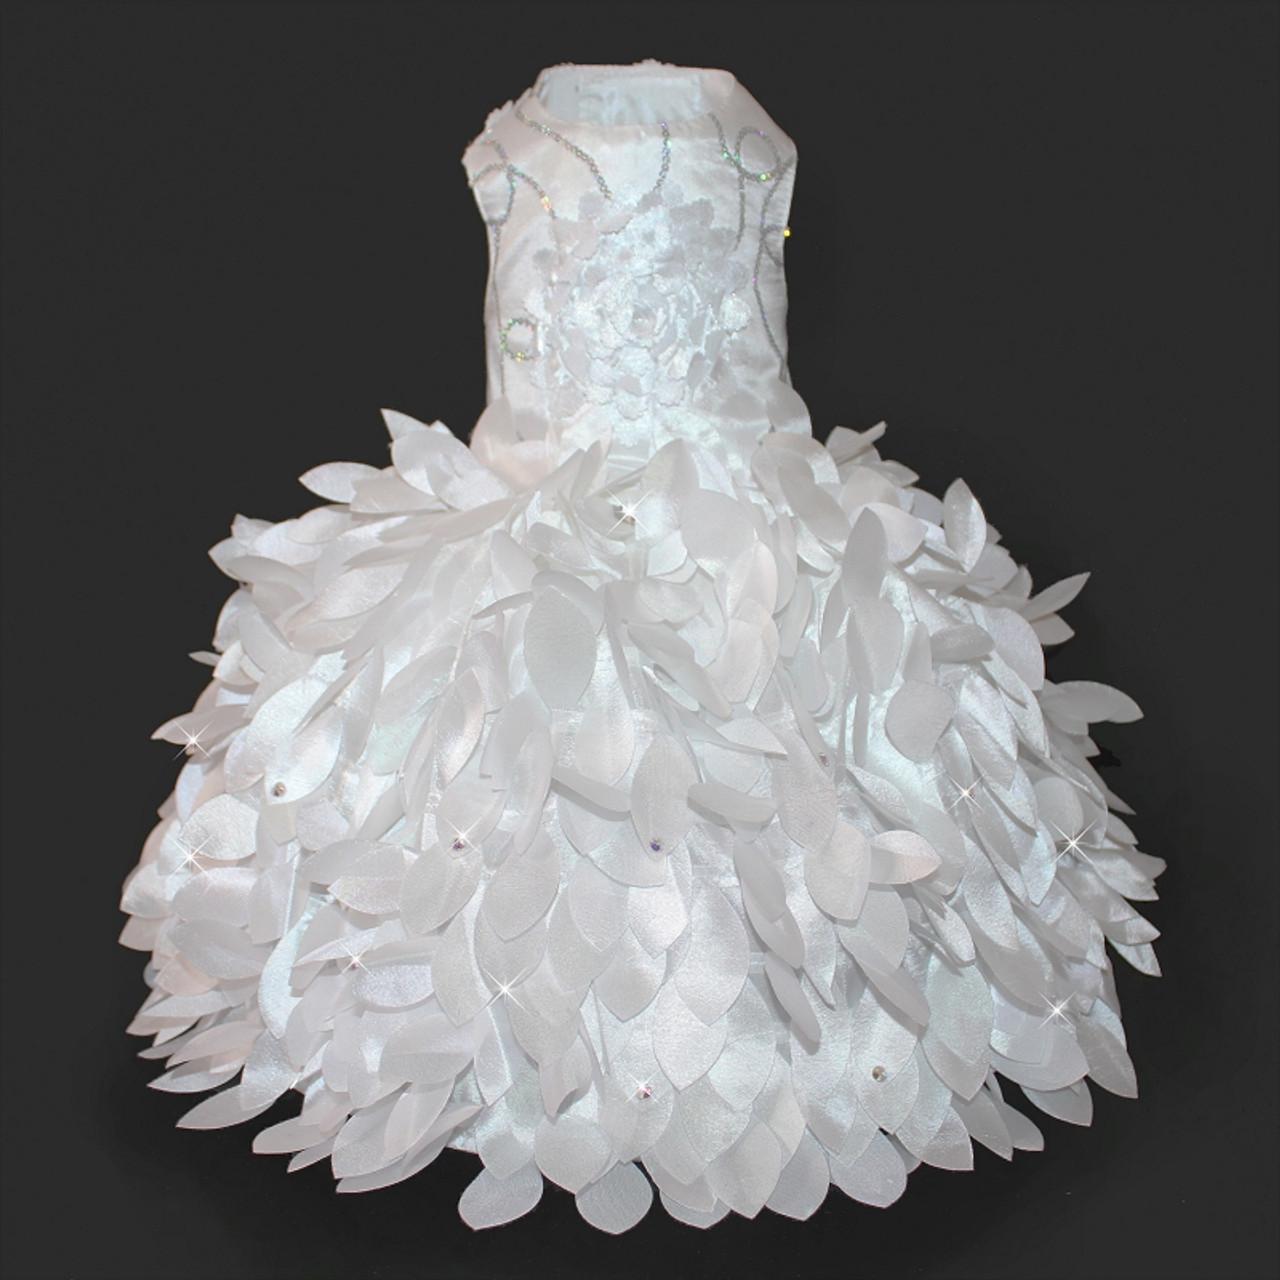 Cinderella White Dress